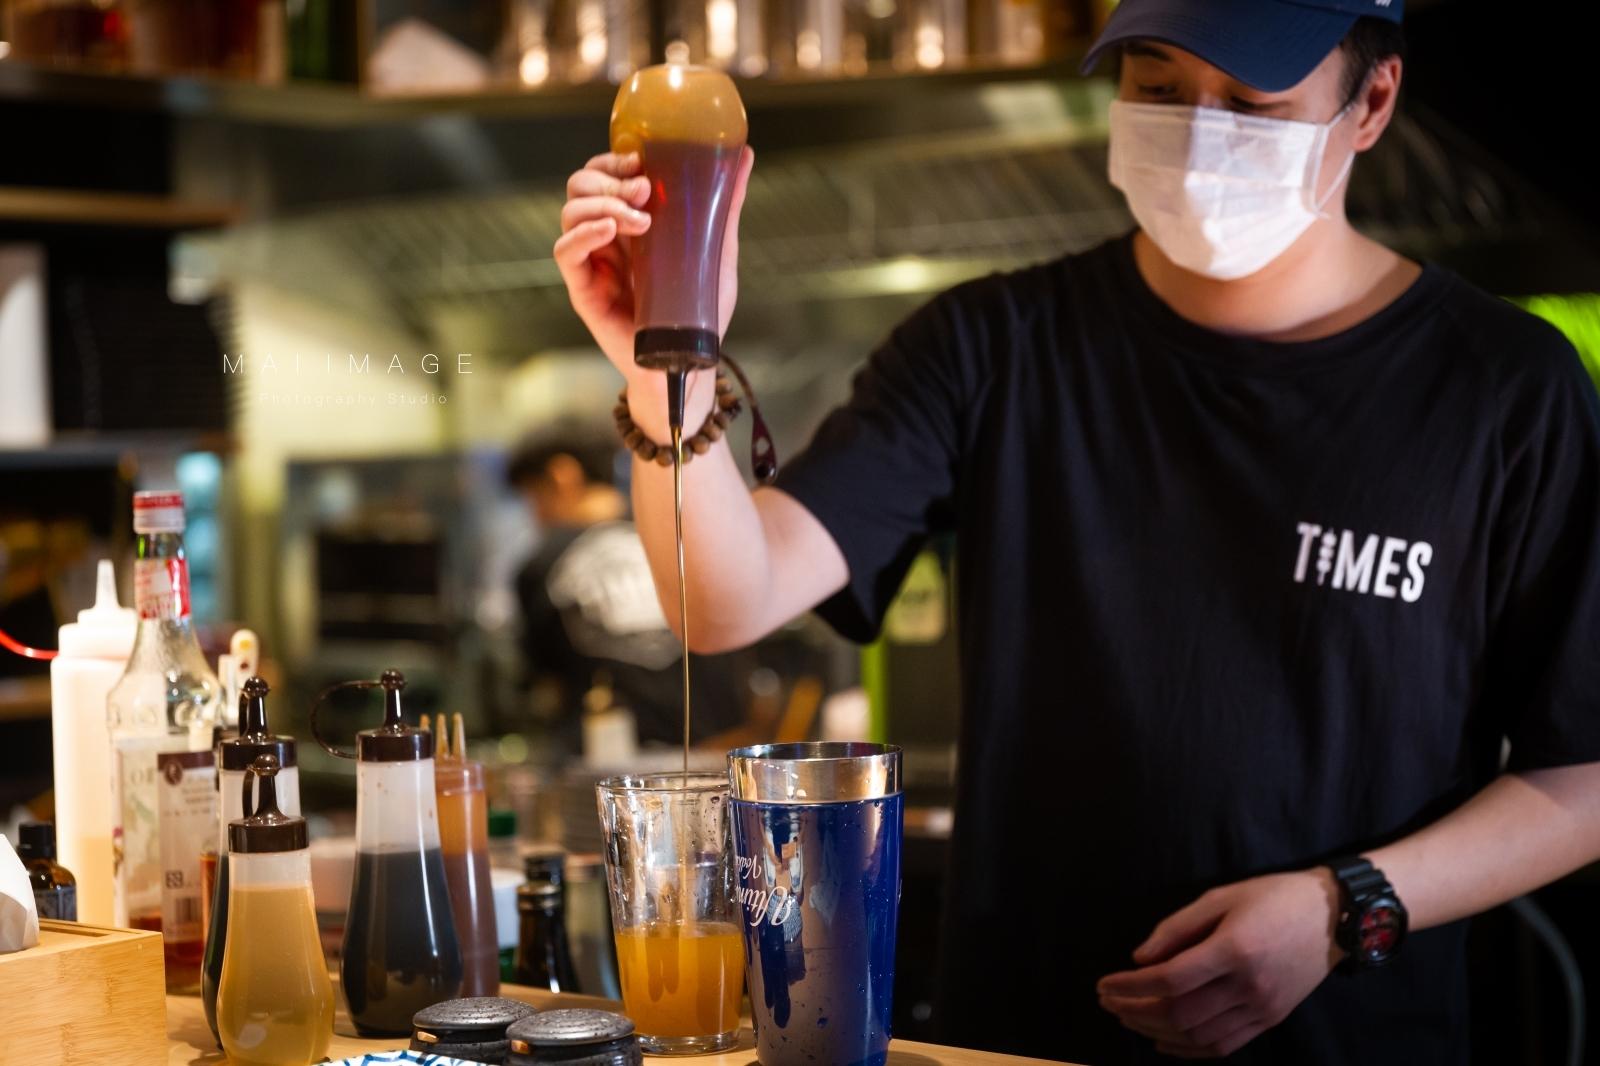 情人節來這吧~值得收藏的深夜小酒館。每日限定情人節專屬座位,帶心愛另一半來超浪漫,不來嗎?南京復興捷運美食